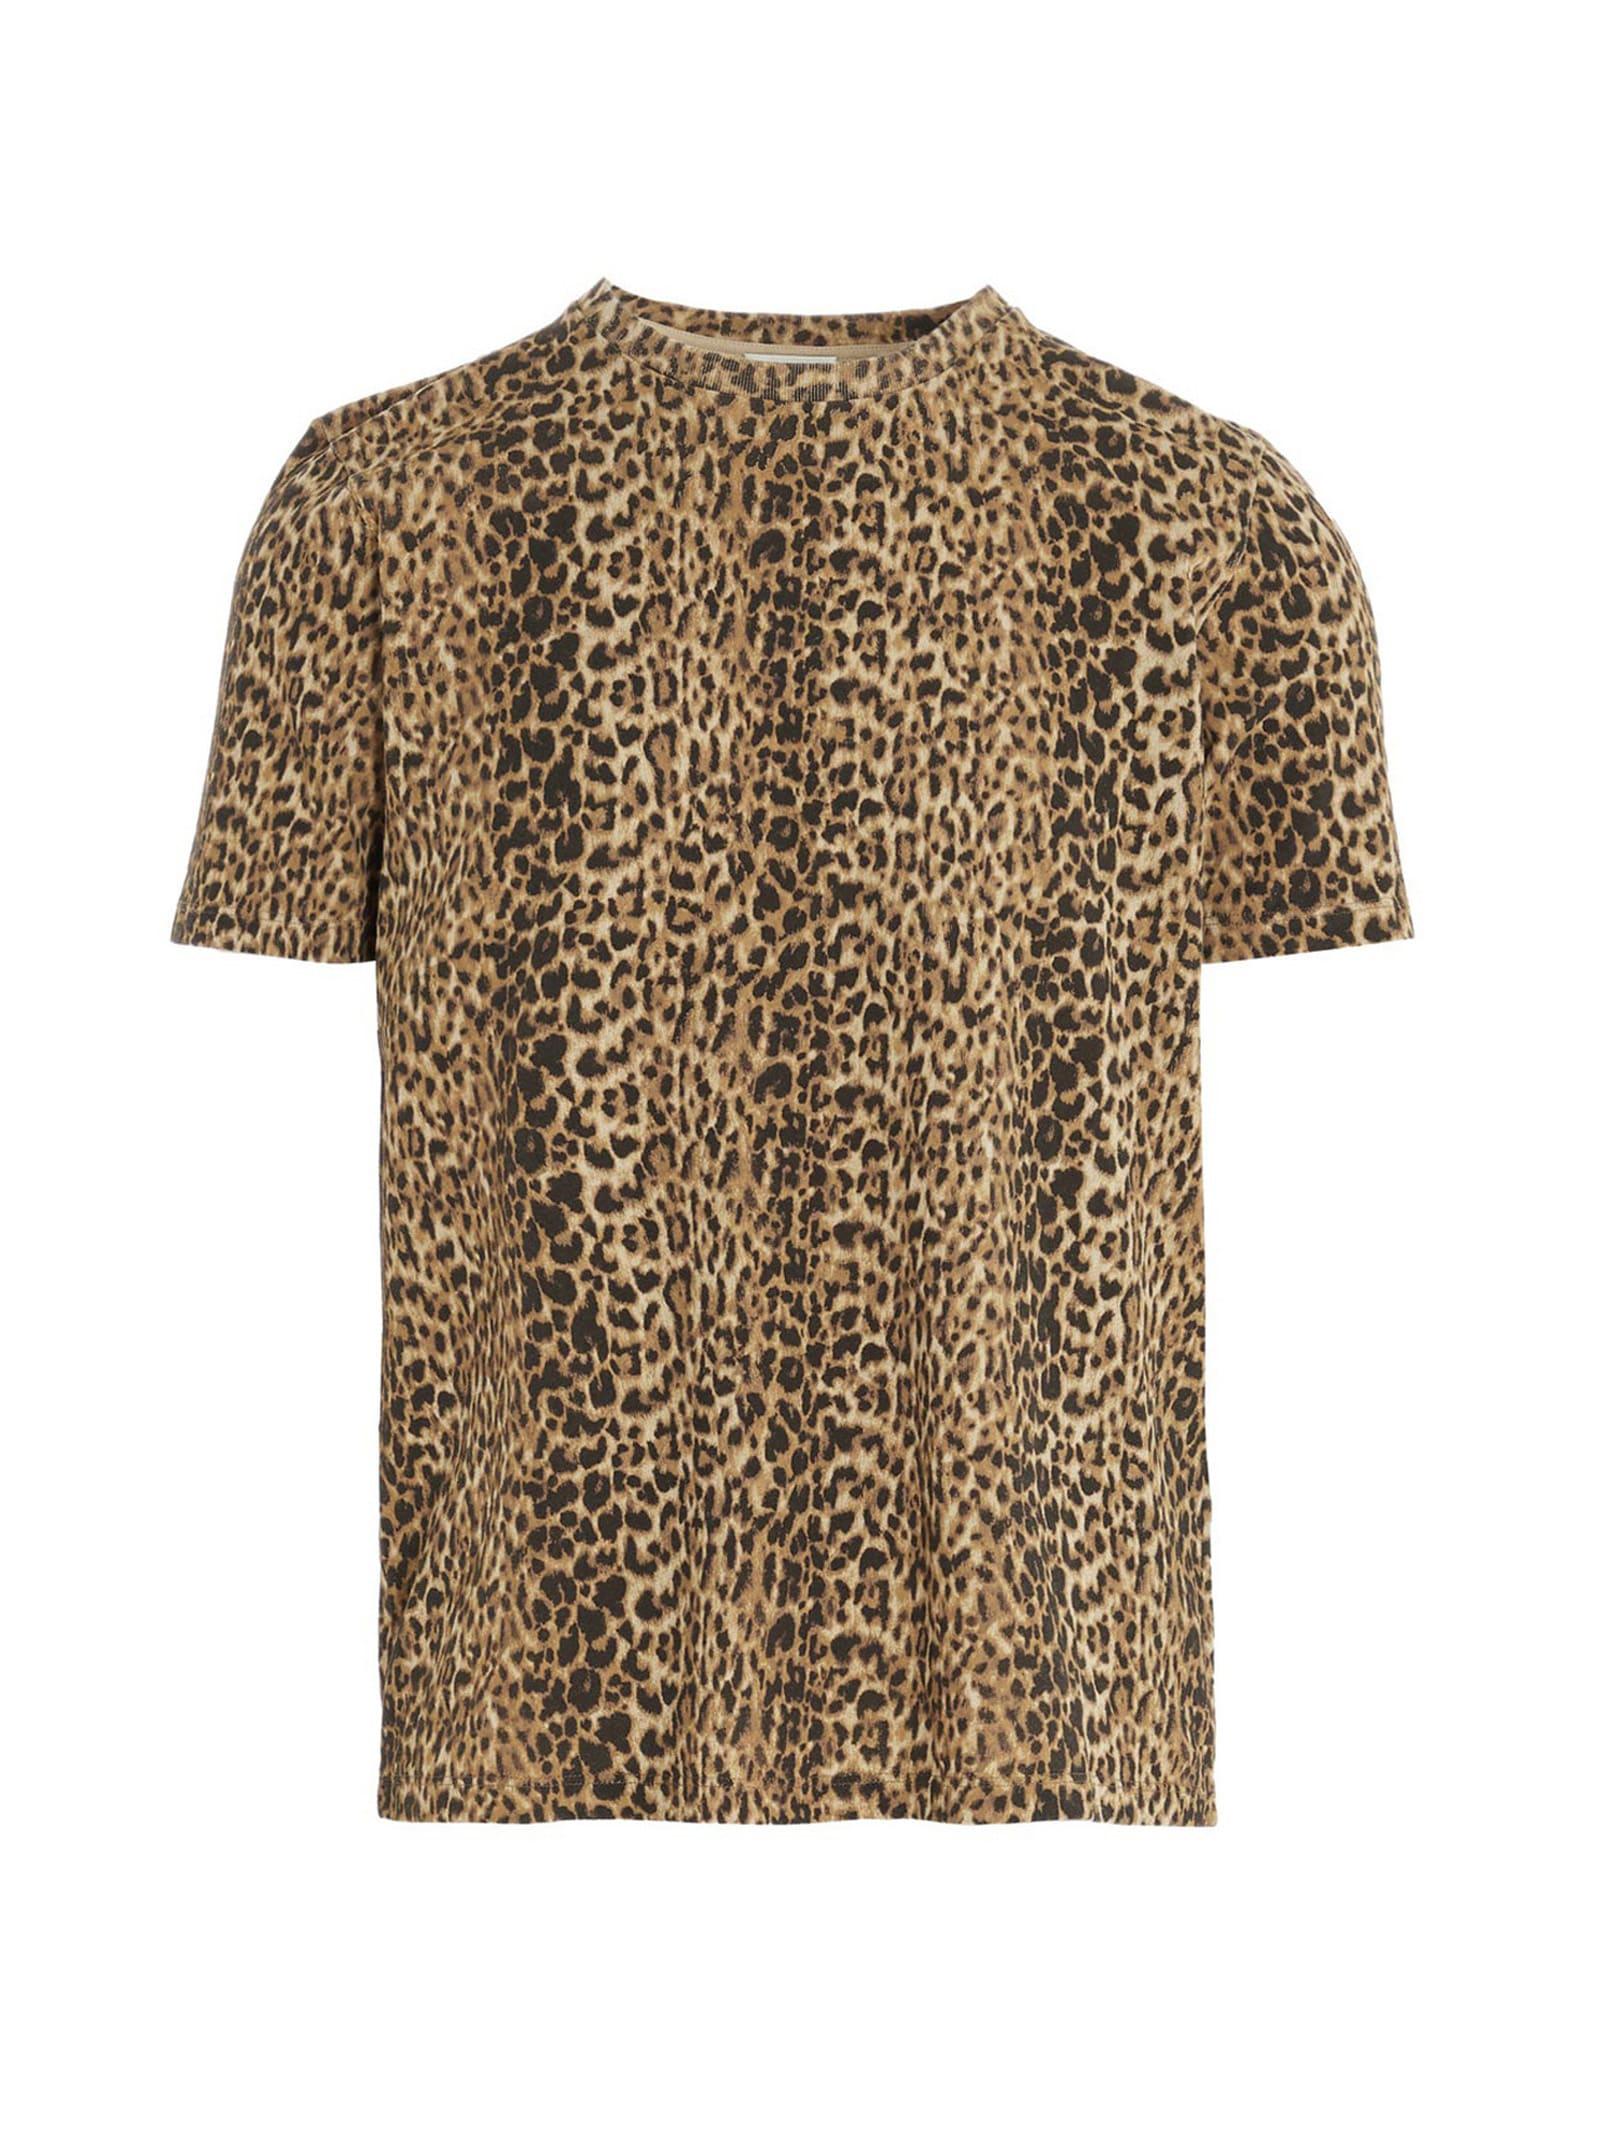 Saint Laurent leopard T-shirt